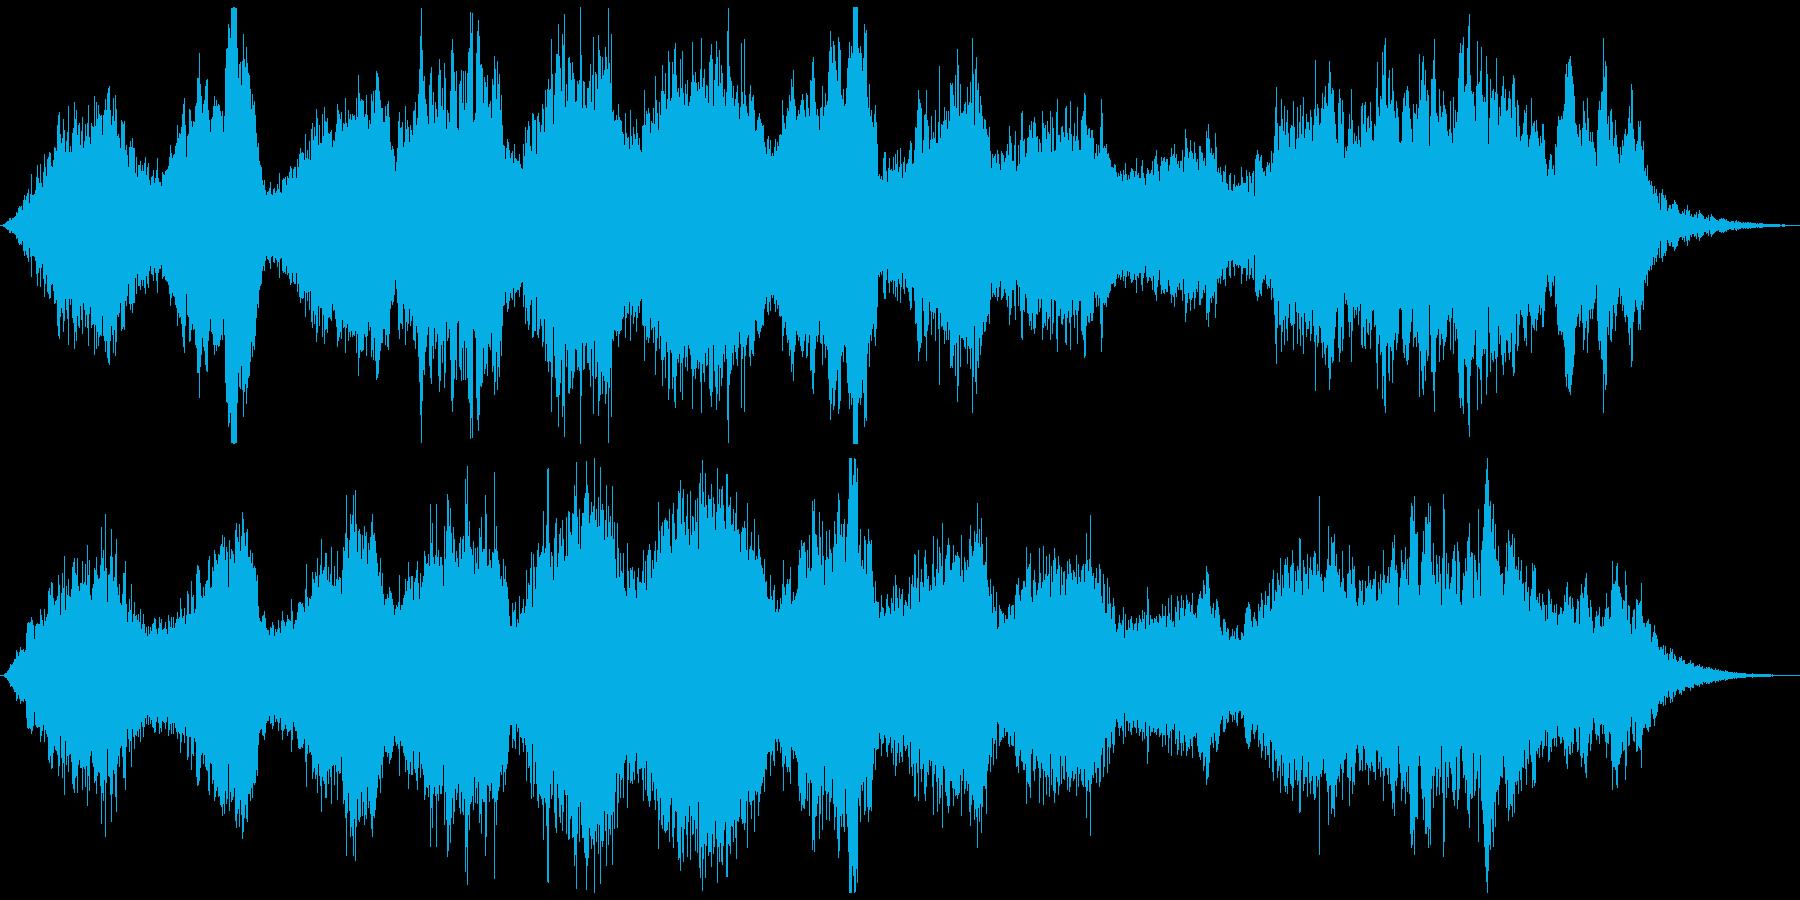 PADS 寒い日01の再生済みの波形